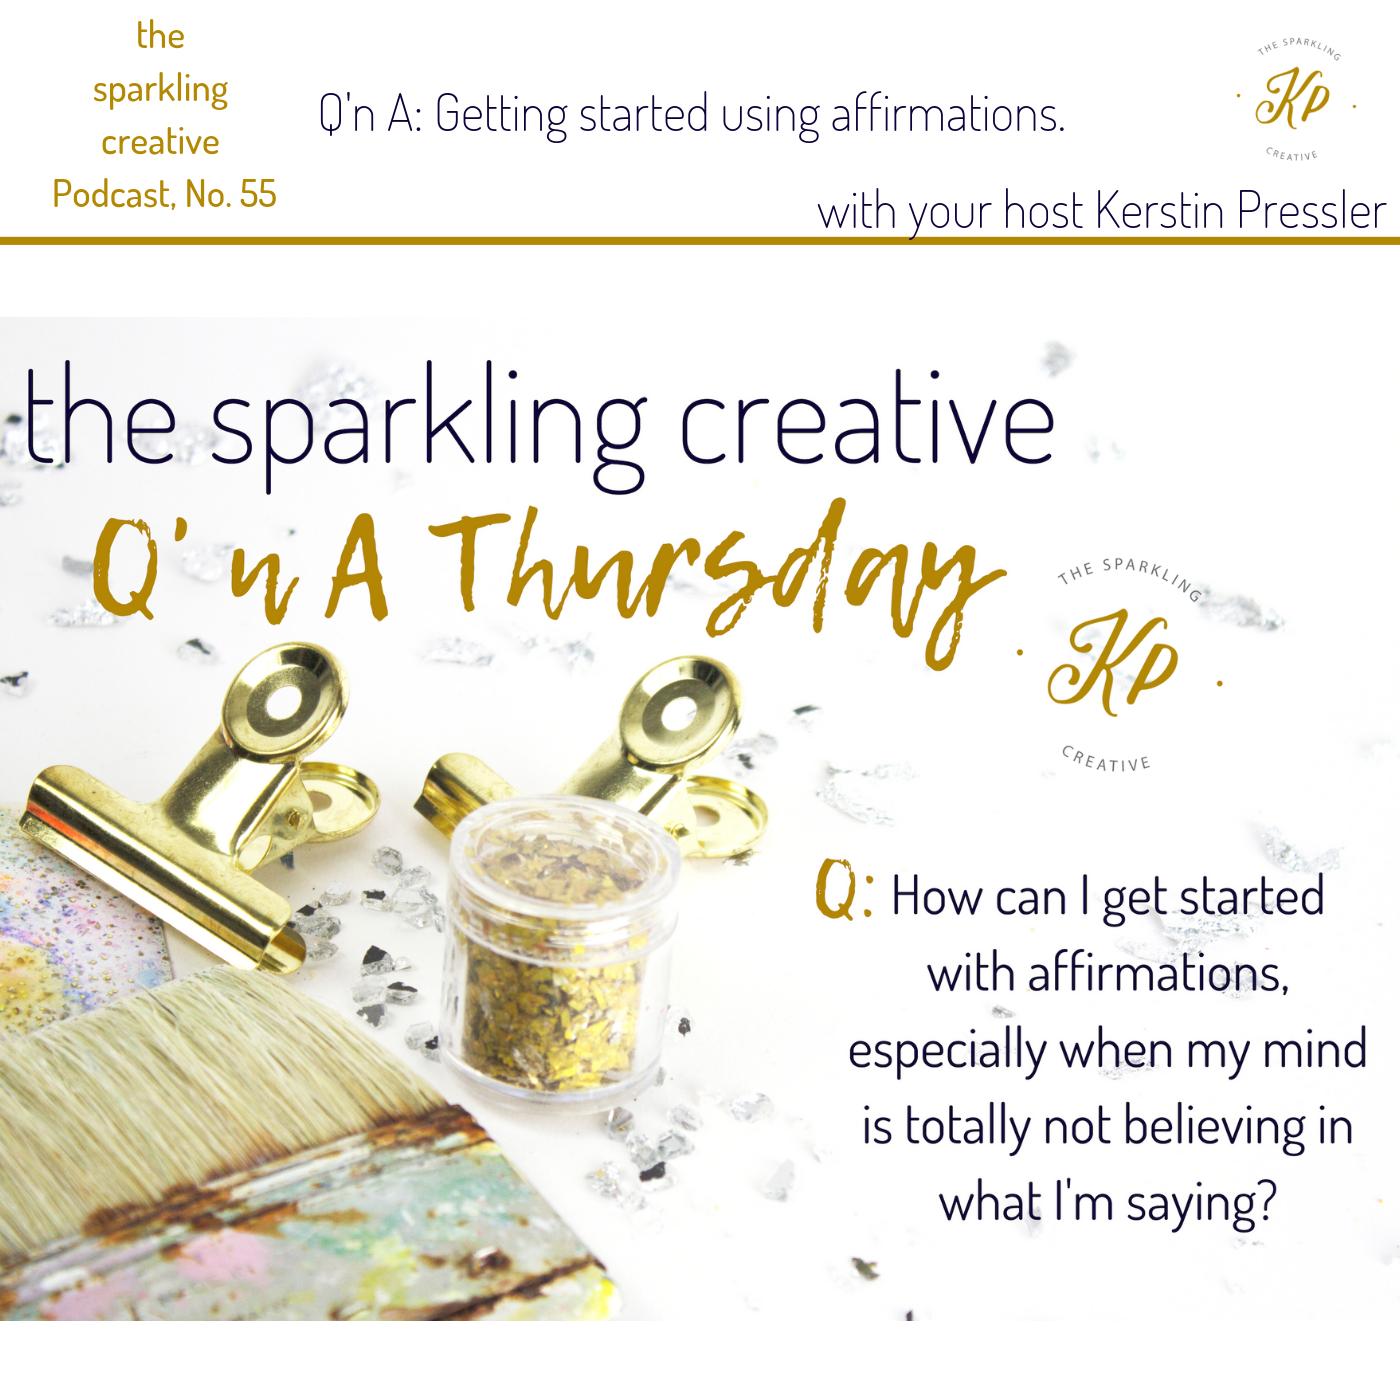 the sparkling creative podcast,  Episode 55: Q'n A: Getting started using affirmations. www.kerstinpressler.com/blog-2/episode55